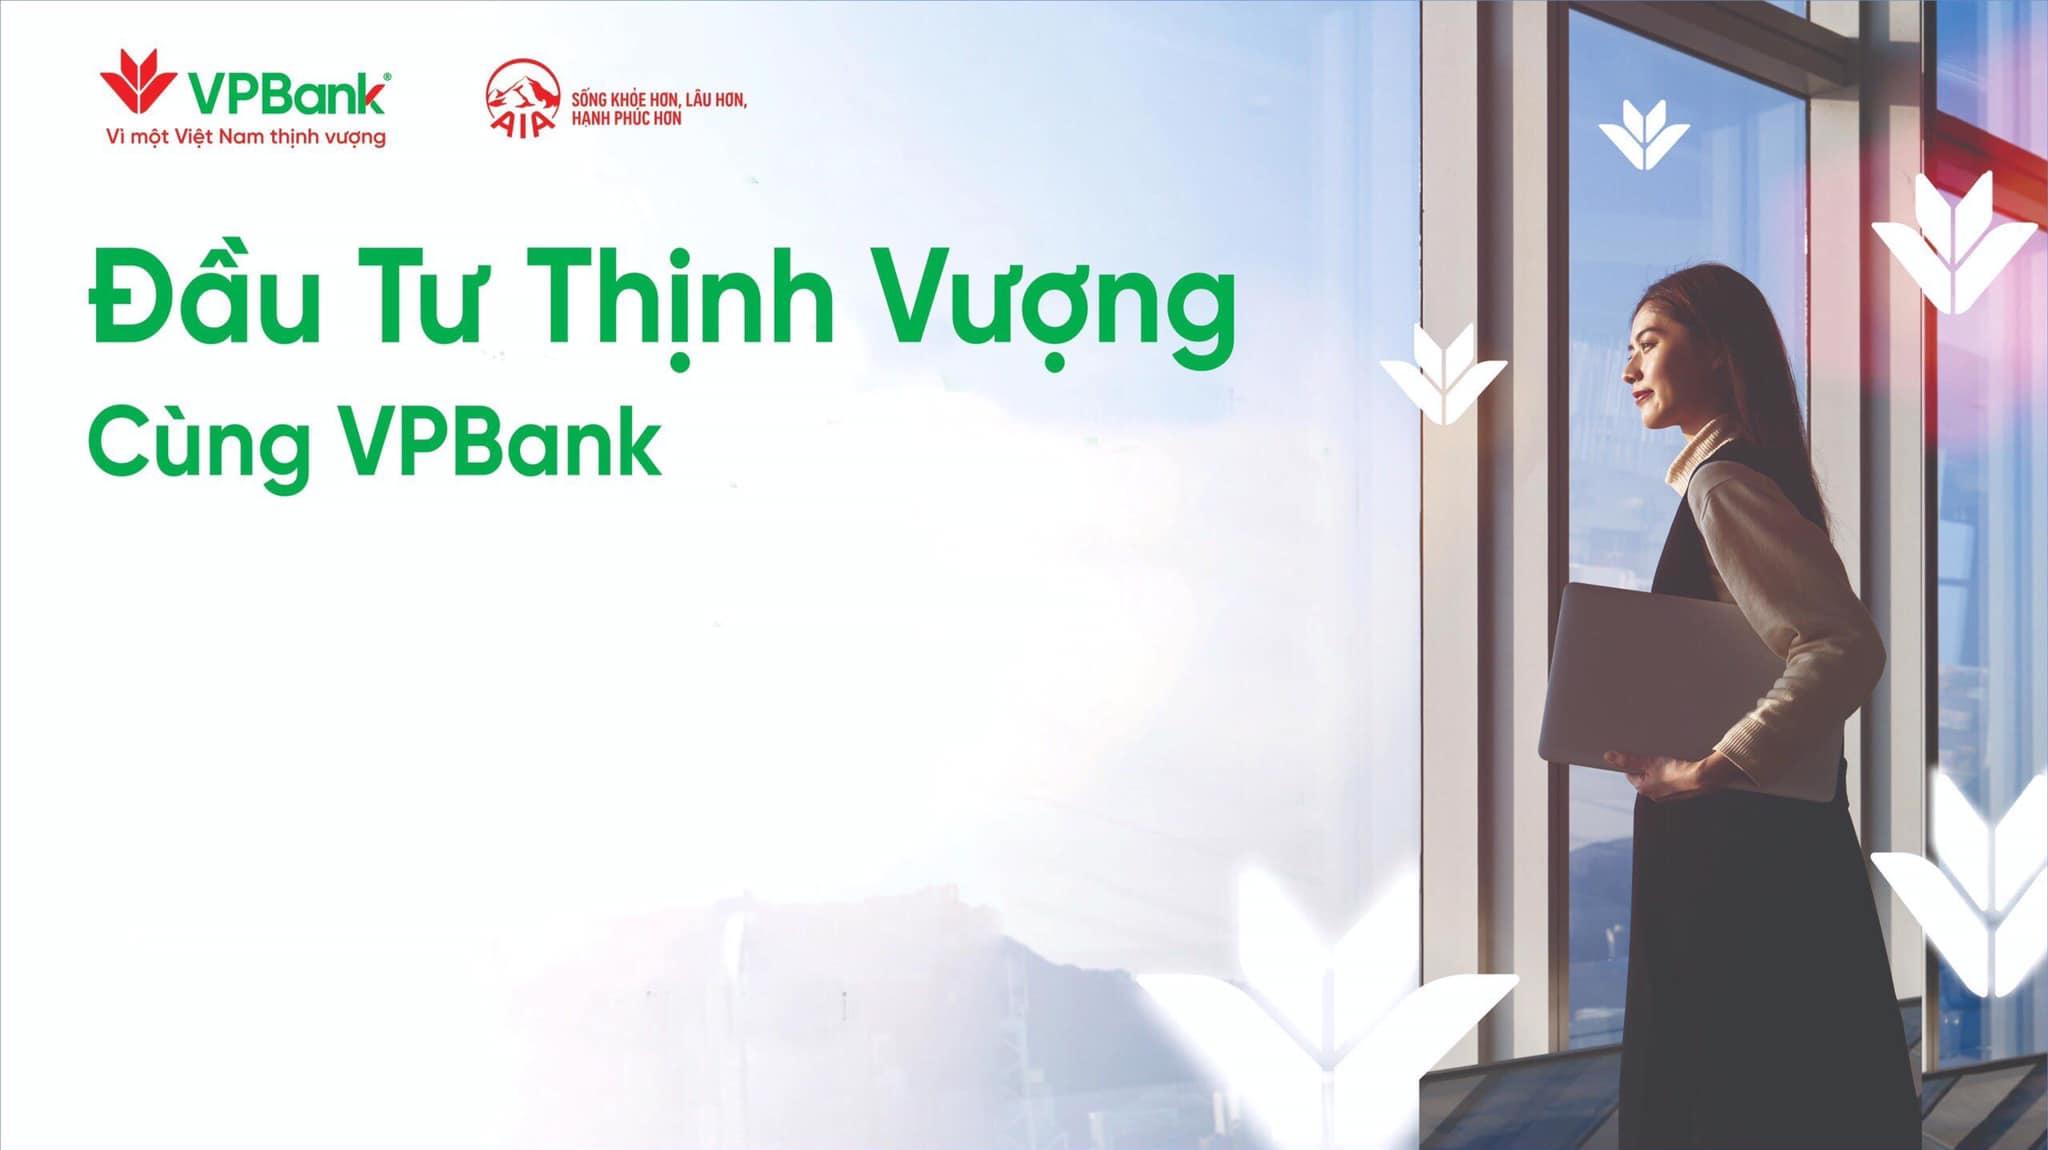 HỘI THẢO KHÁCH HÀNG CAO CẤP CỦA VP BANK